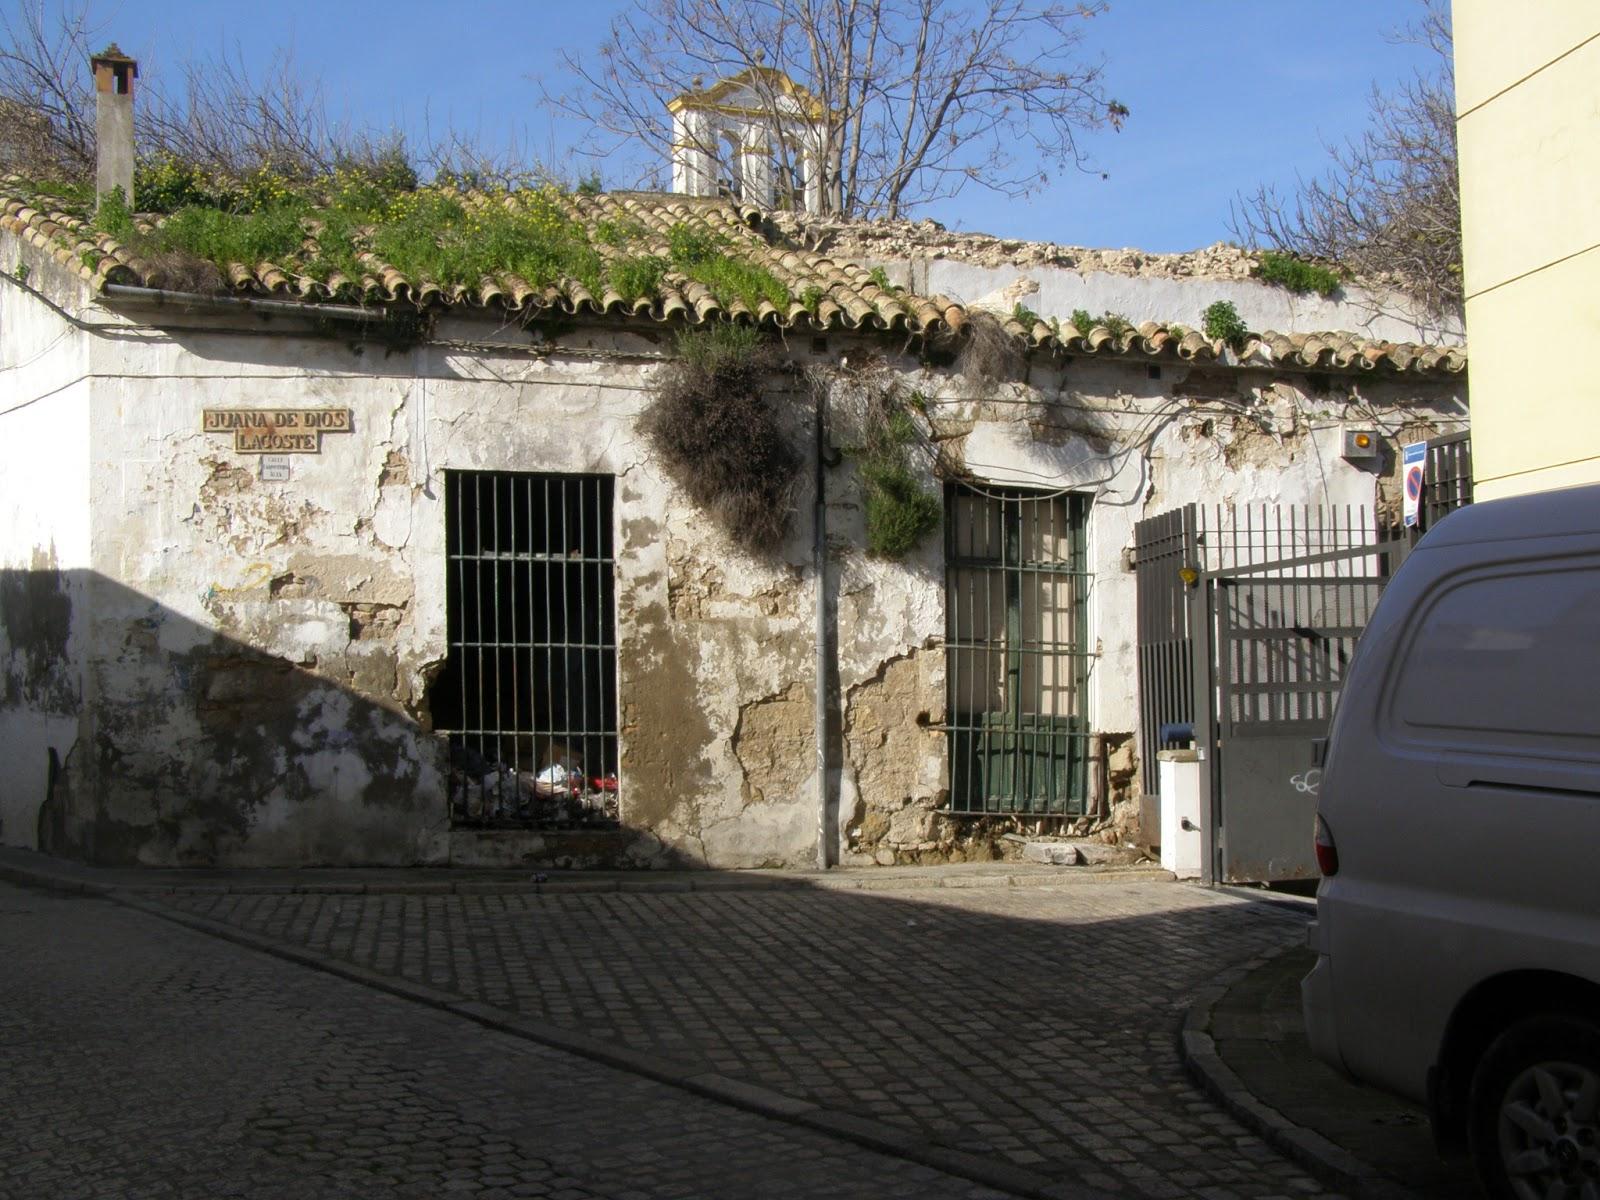 Jerez, Patrimonio Destruido: MIRÉ LOS MUROS DE LA PATRIA MÍA